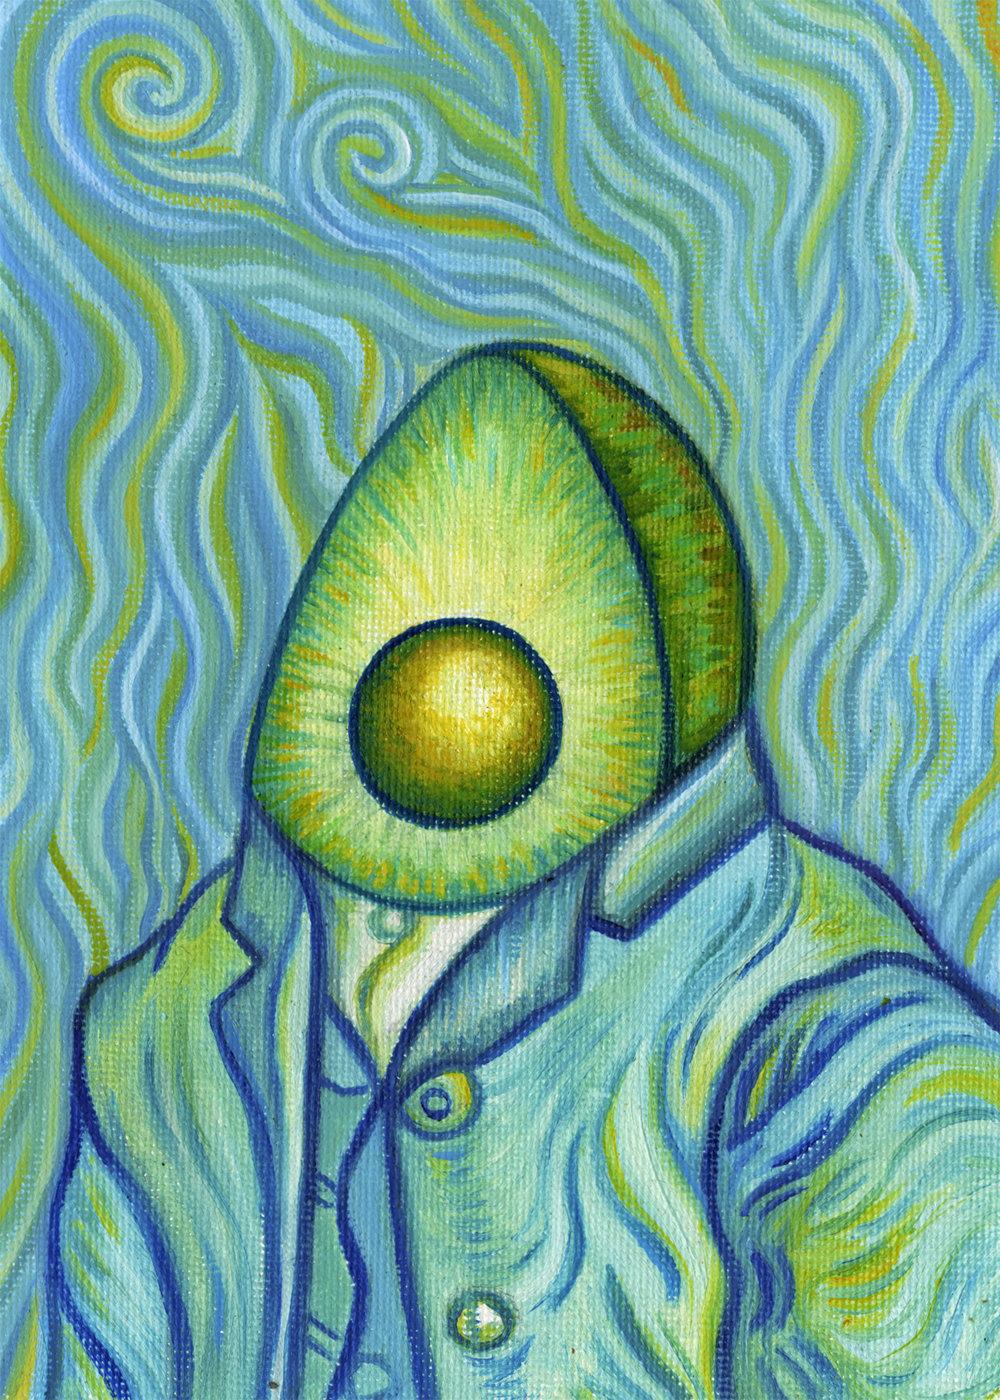 Van Goghcado